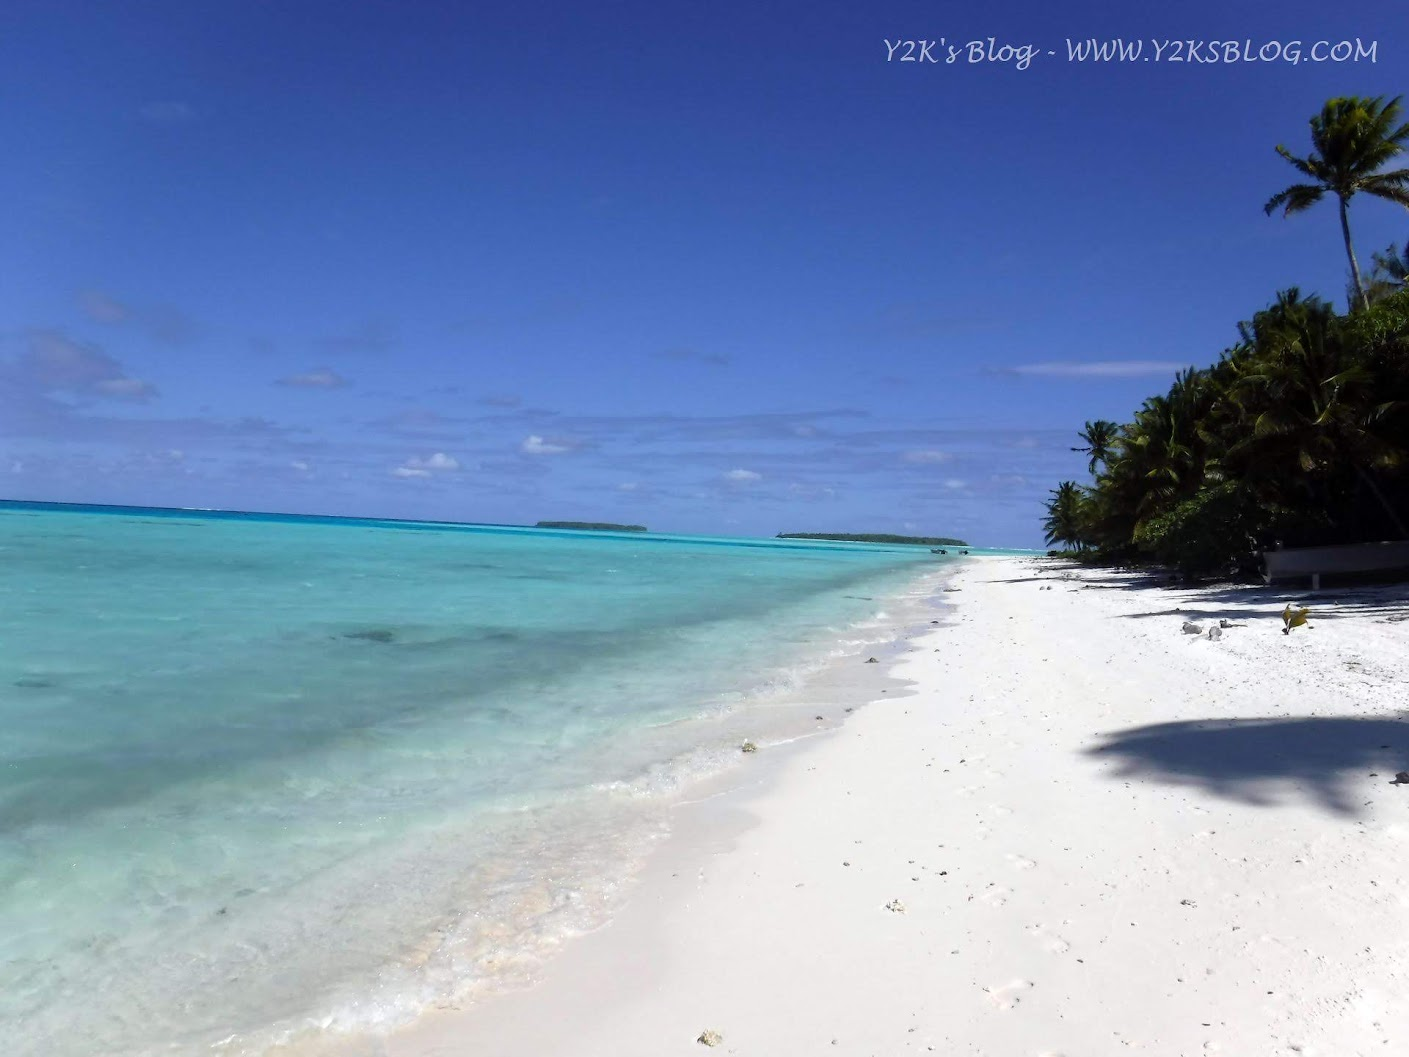 Una delle bellissime spiagge dell'atollo - Palmerston